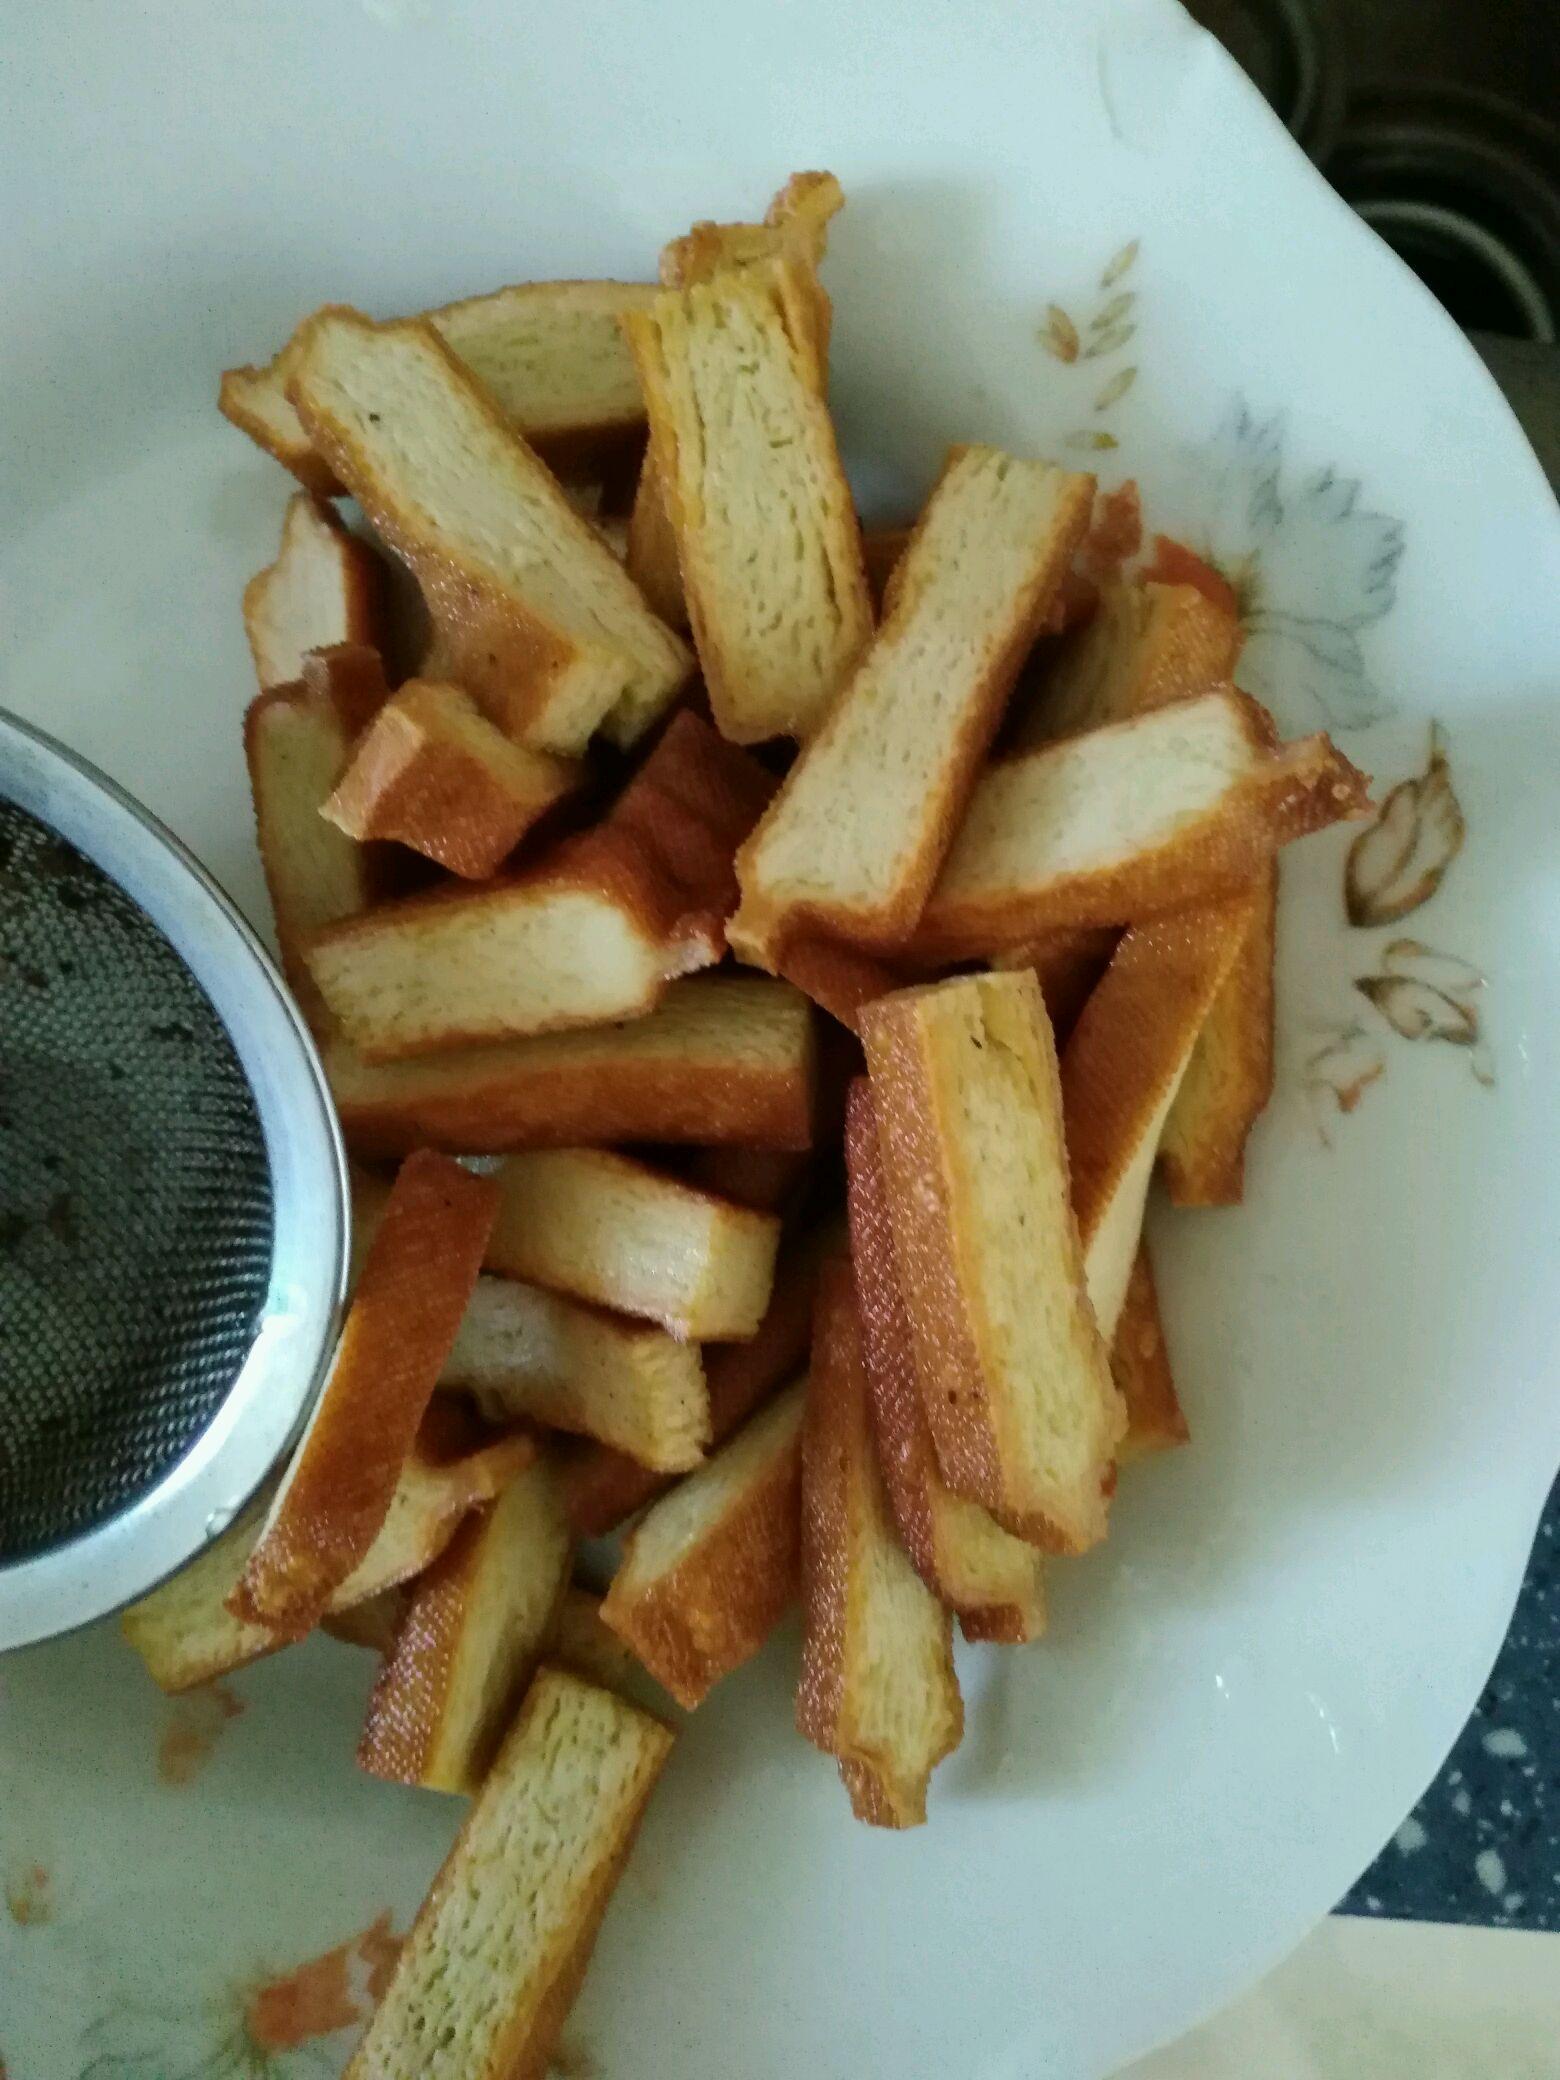 家常菜—快炒蒜苔香干的做法步骤